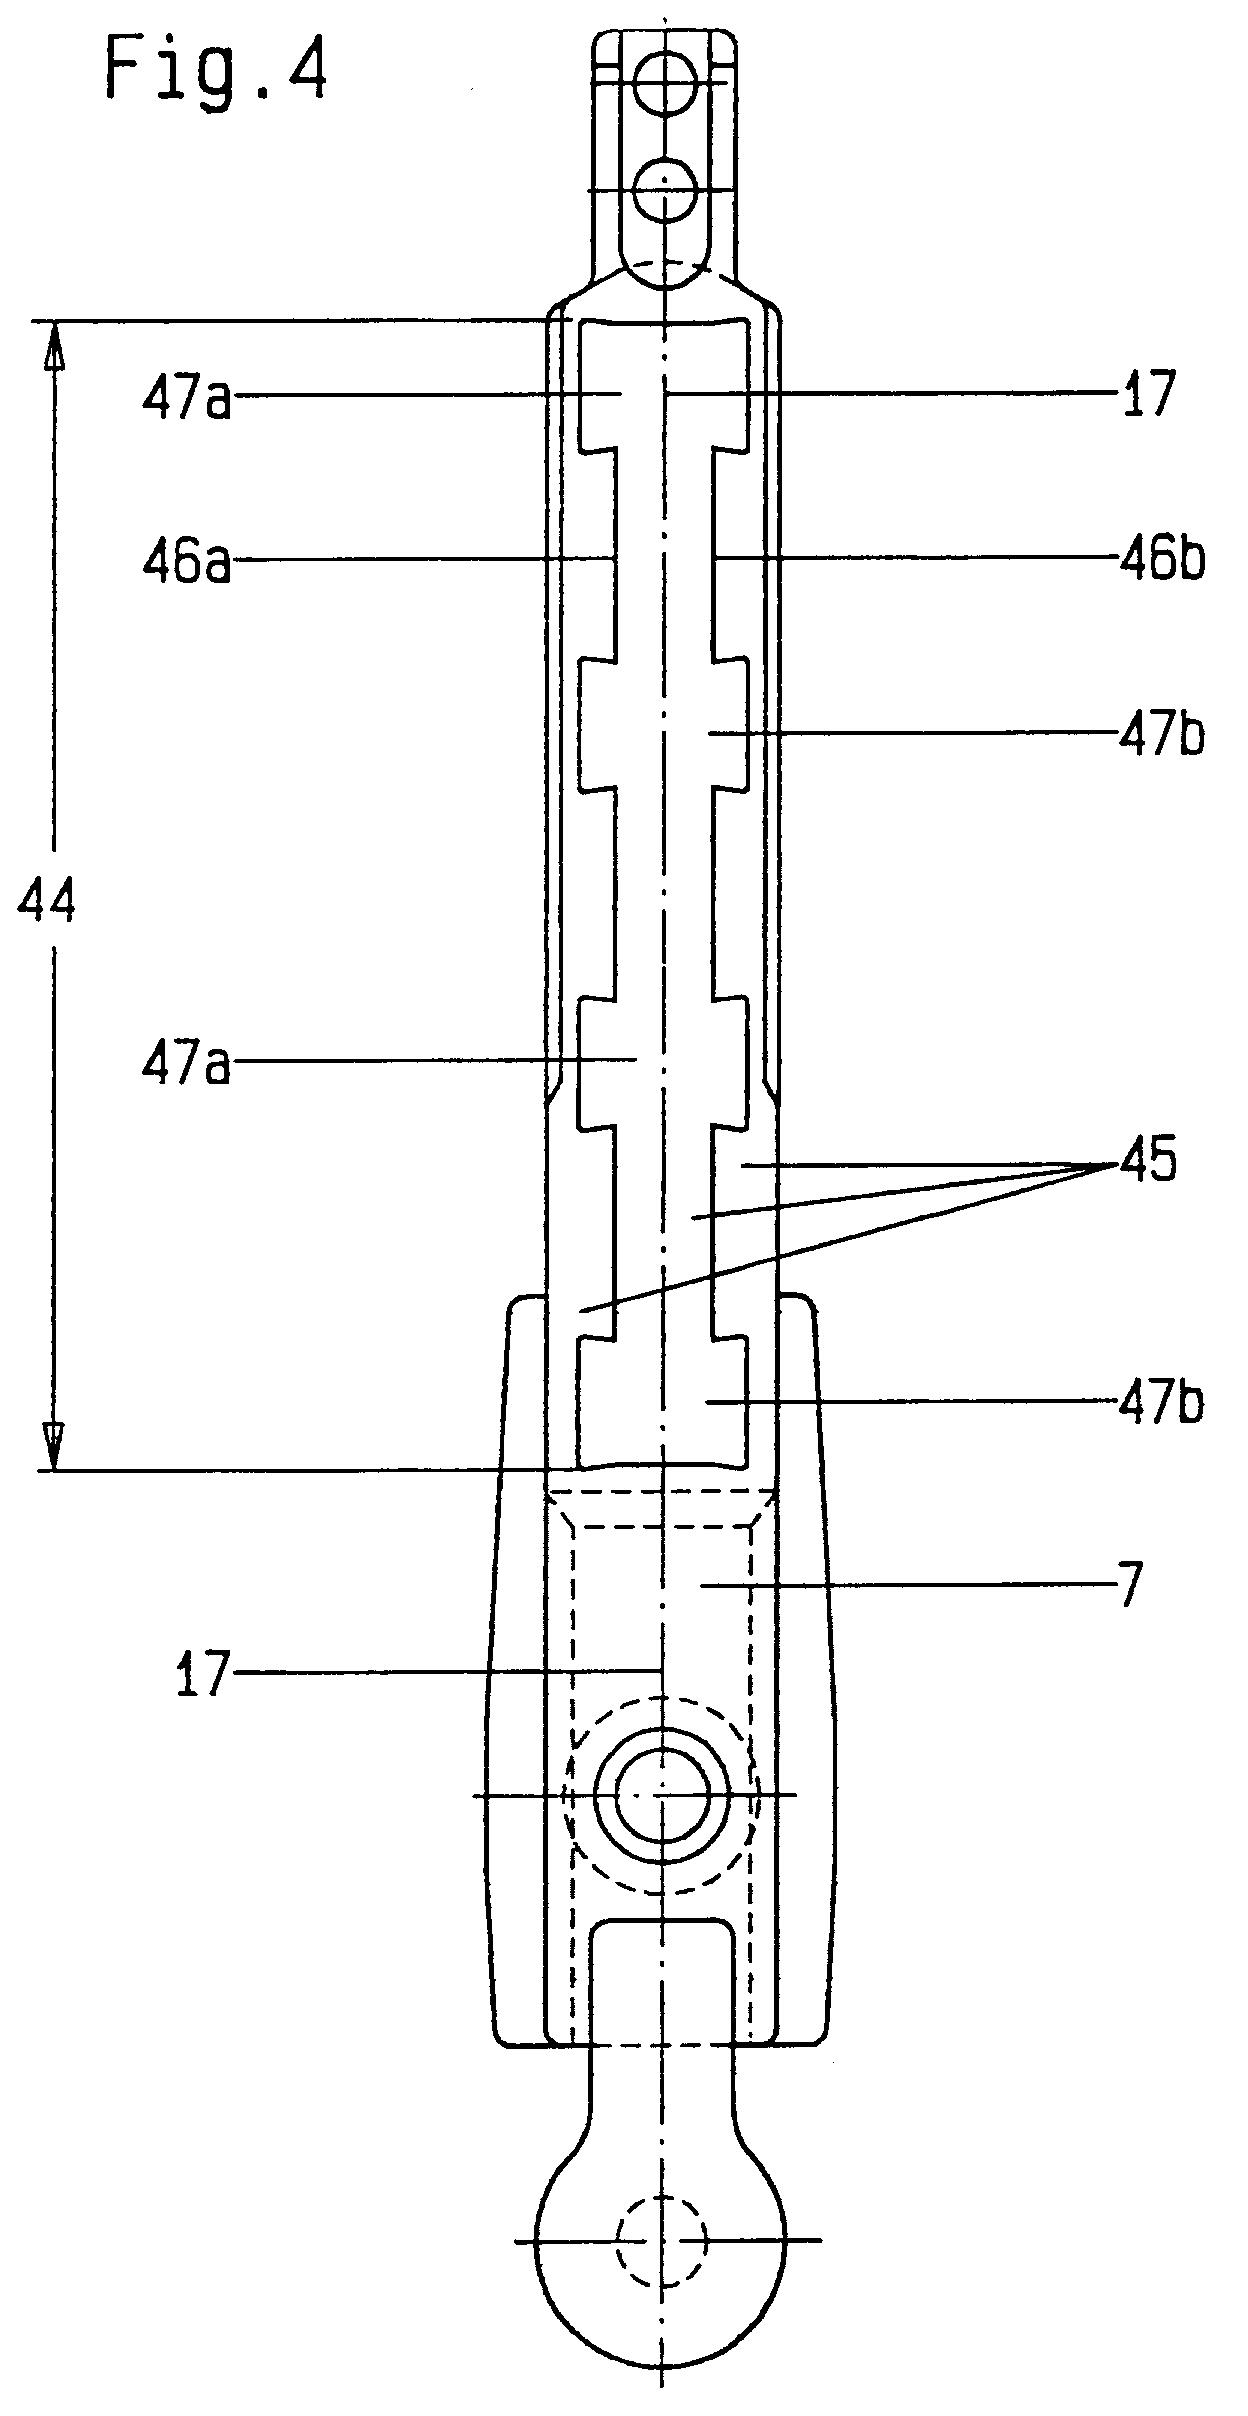 patent ep0672811a1 verrouillage de fausse manoeuvre pour. Black Bedroom Furniture Sets. Home Design Ideas